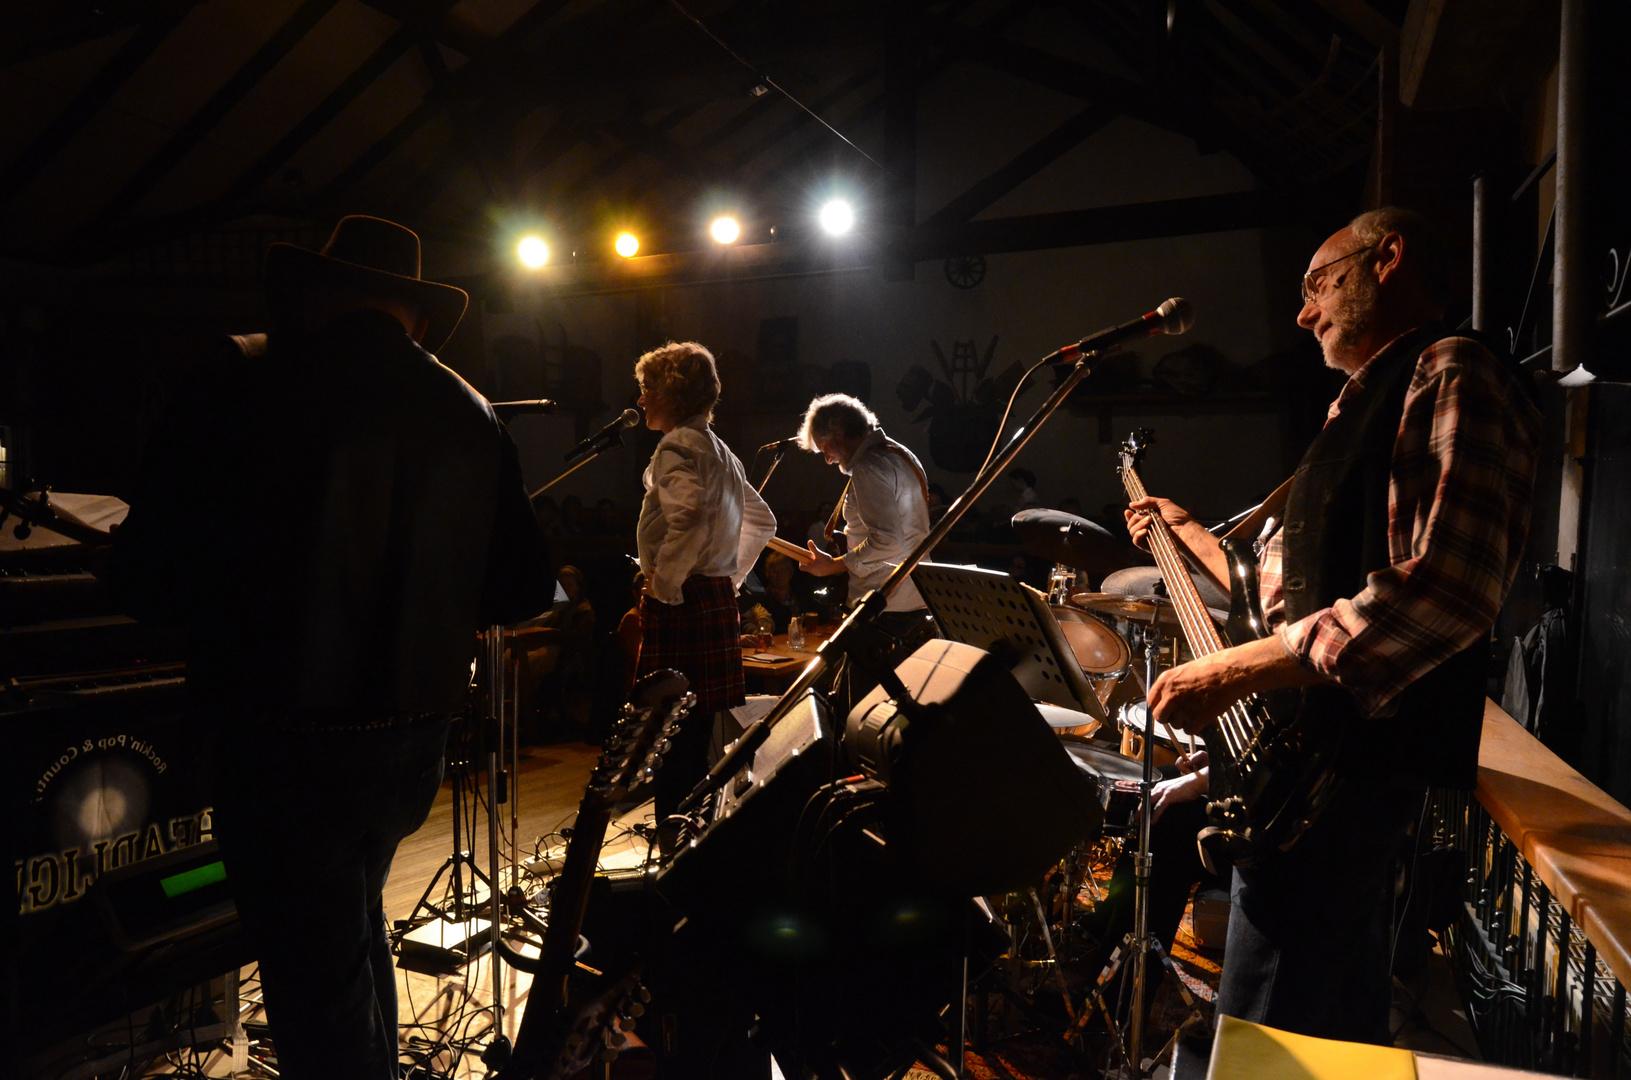 Headlight in concert